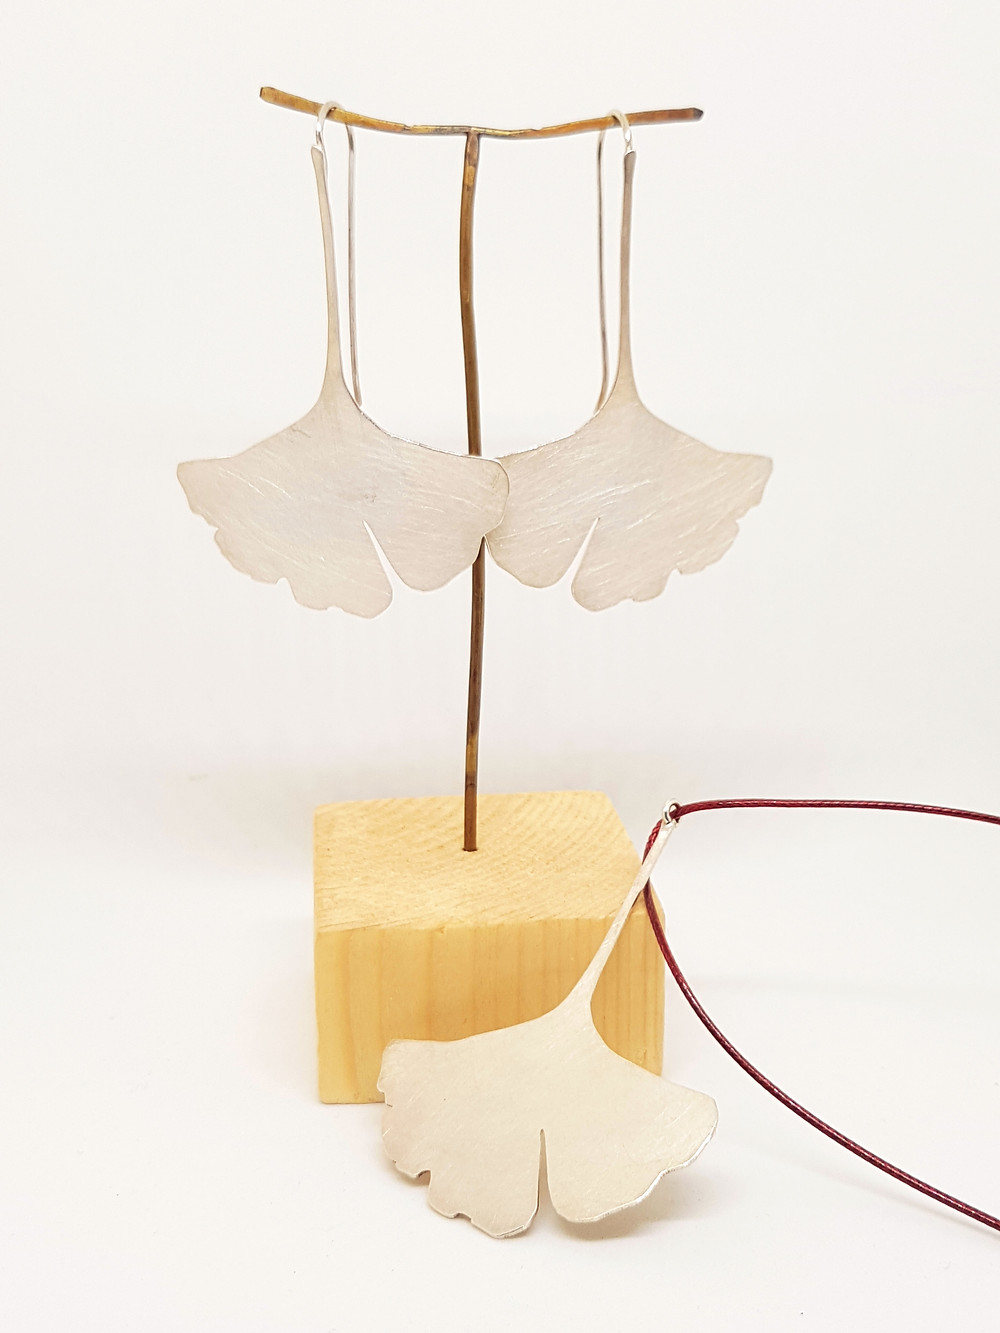 Ginkgo silver pendant, brushed silver leaf pendant, nature inspired pendant, ginkgo leaf silver pendant, modern pendant, nature lover gift